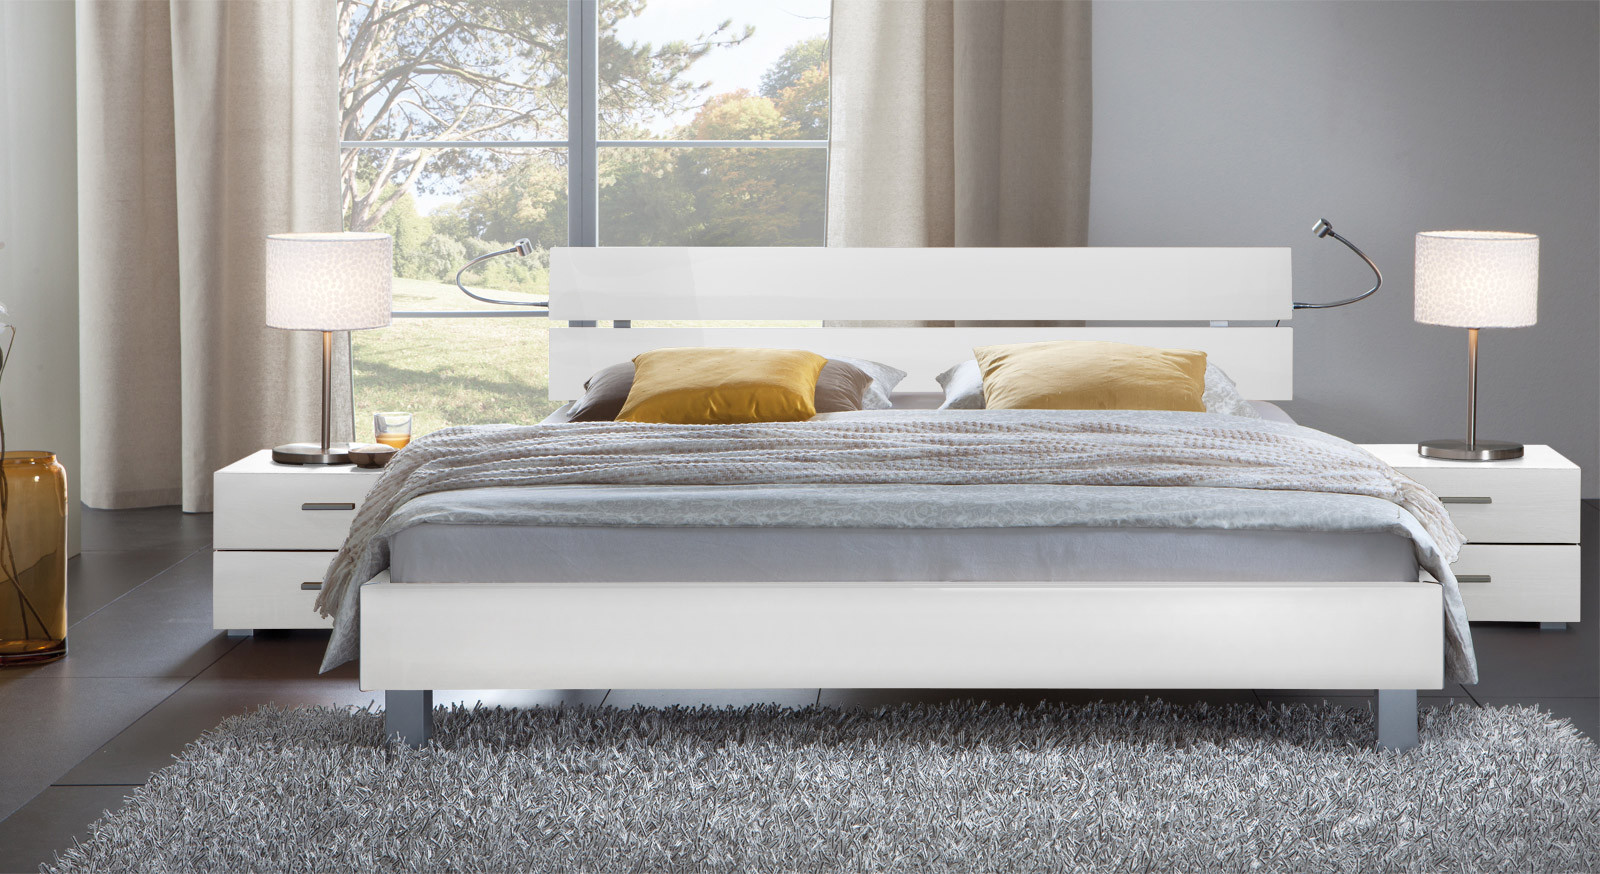 Designer Betten  Tiefes Designer Bett online günstig kaufen Treviso